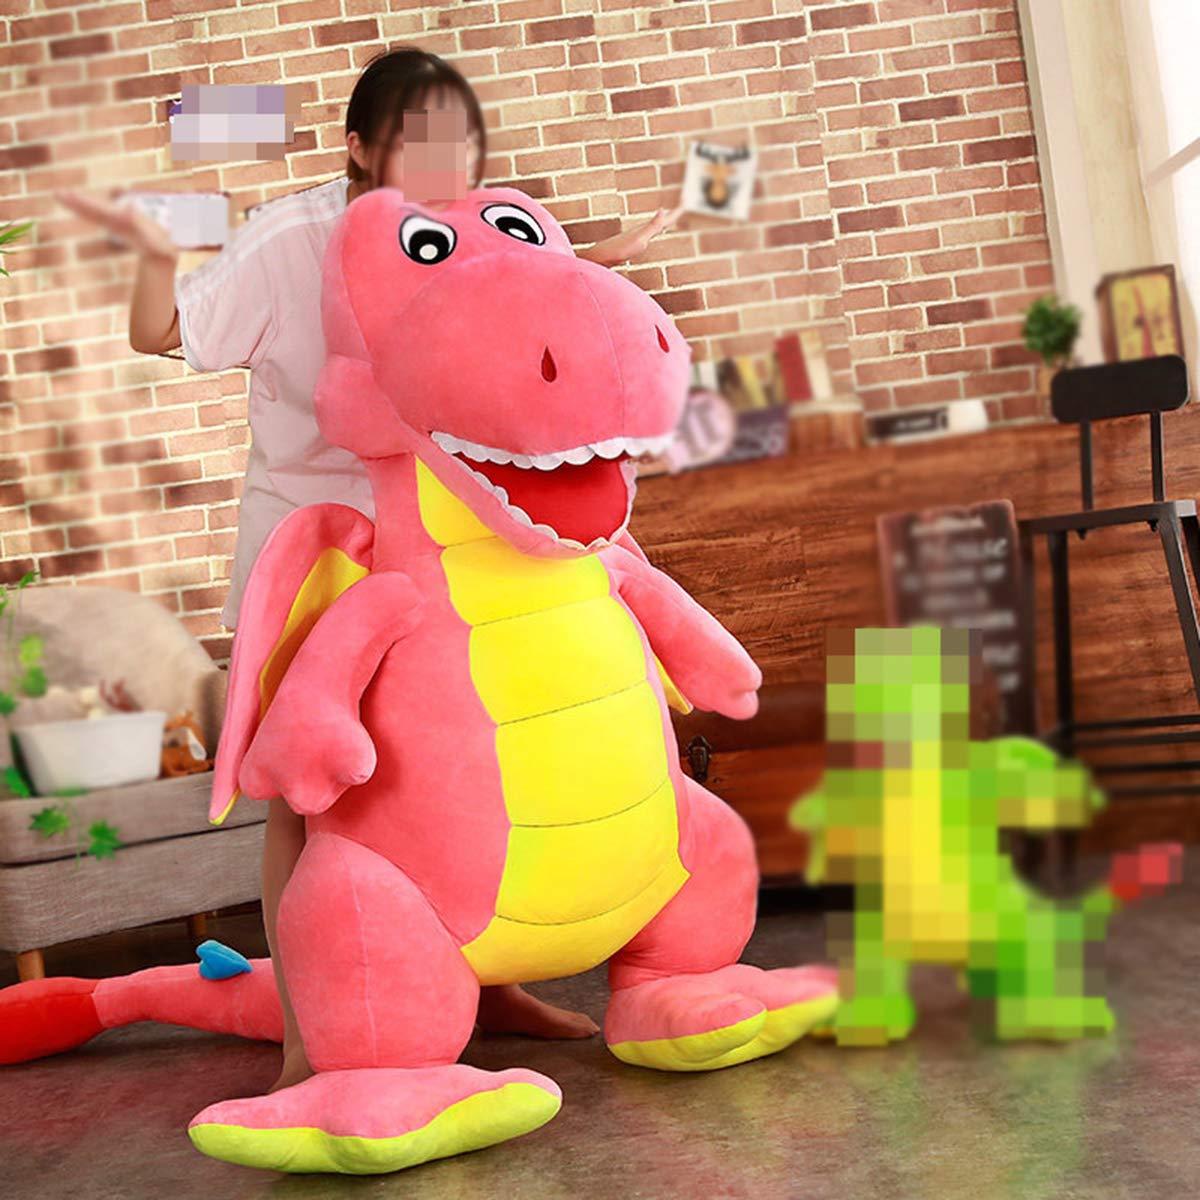 Pink 55cm Juguete De Felpa Suave Lindo Simulación Ptepinkurs Dormir Almohadas Niños Y Niñas Regalos De Vacaciones Regalos De Cumpleaños